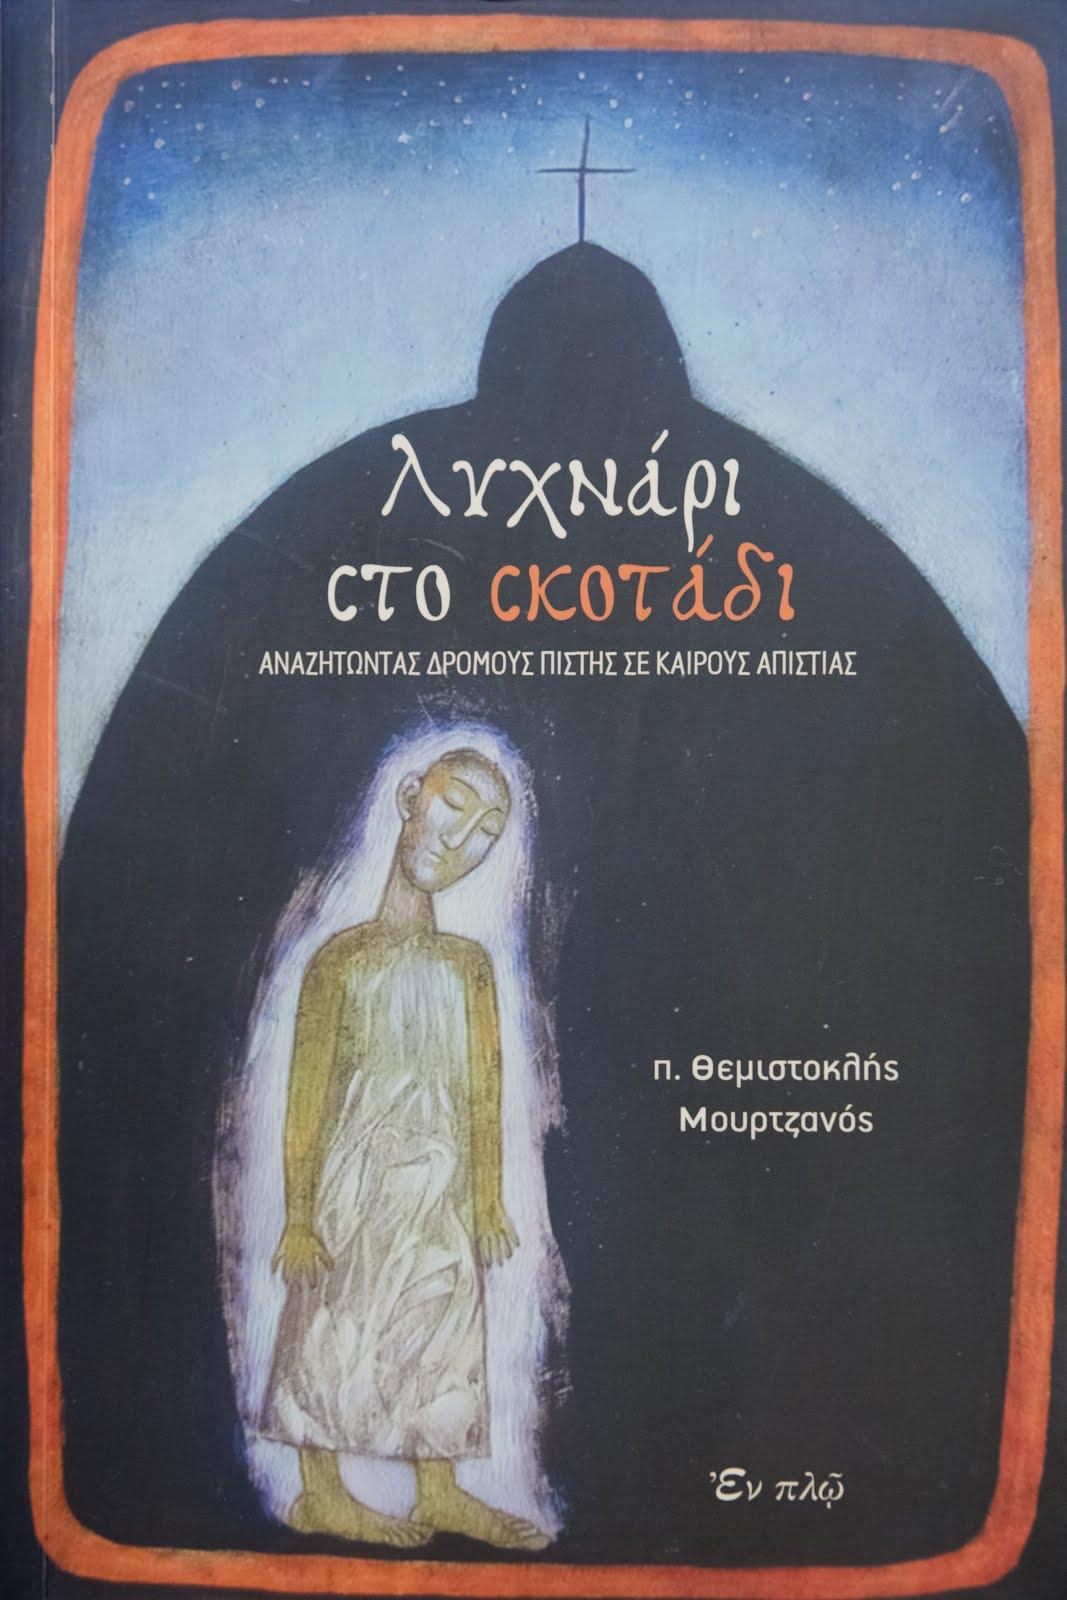 ΛΥΧΝΑΡΙ ΣΤΟ ΣΚΟΤΑΔΙ